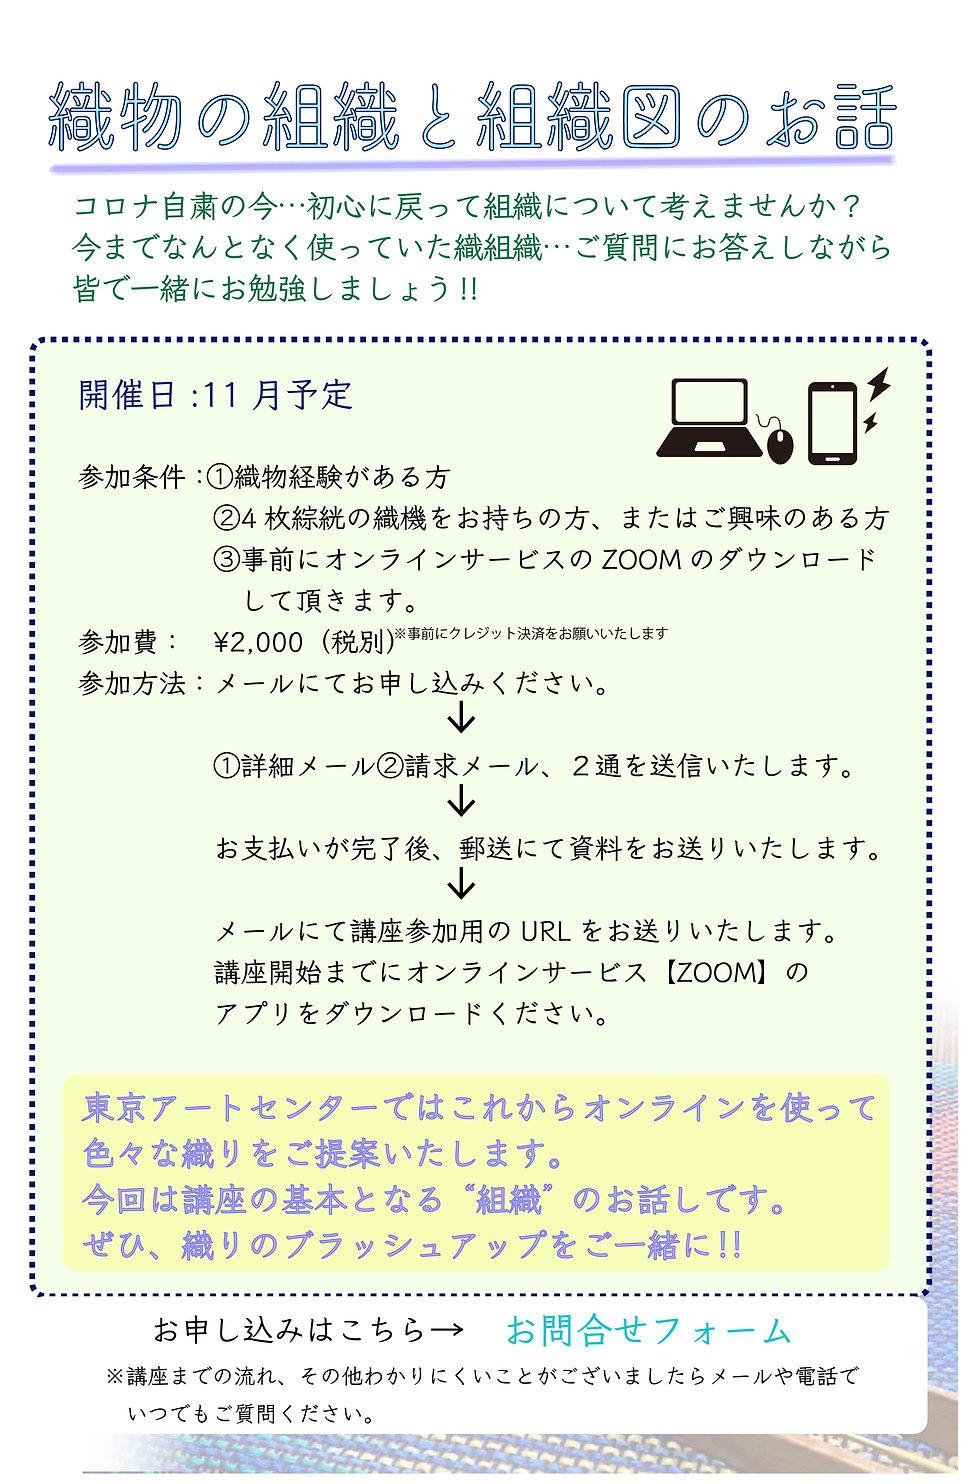 ZOOM1hp用 (1)-02-min.jpg